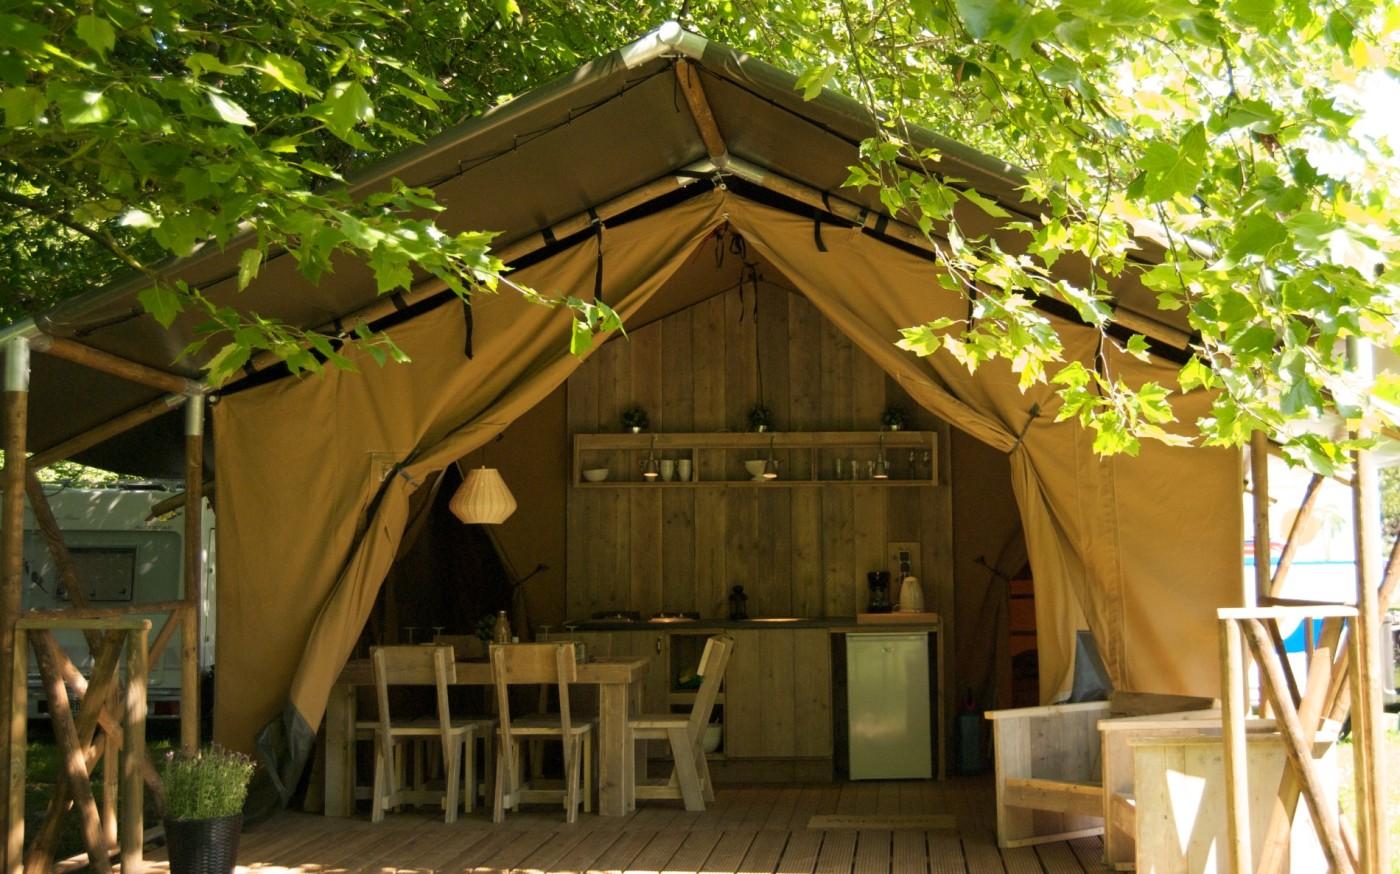 Vermietung von möblierten Safari Zelten